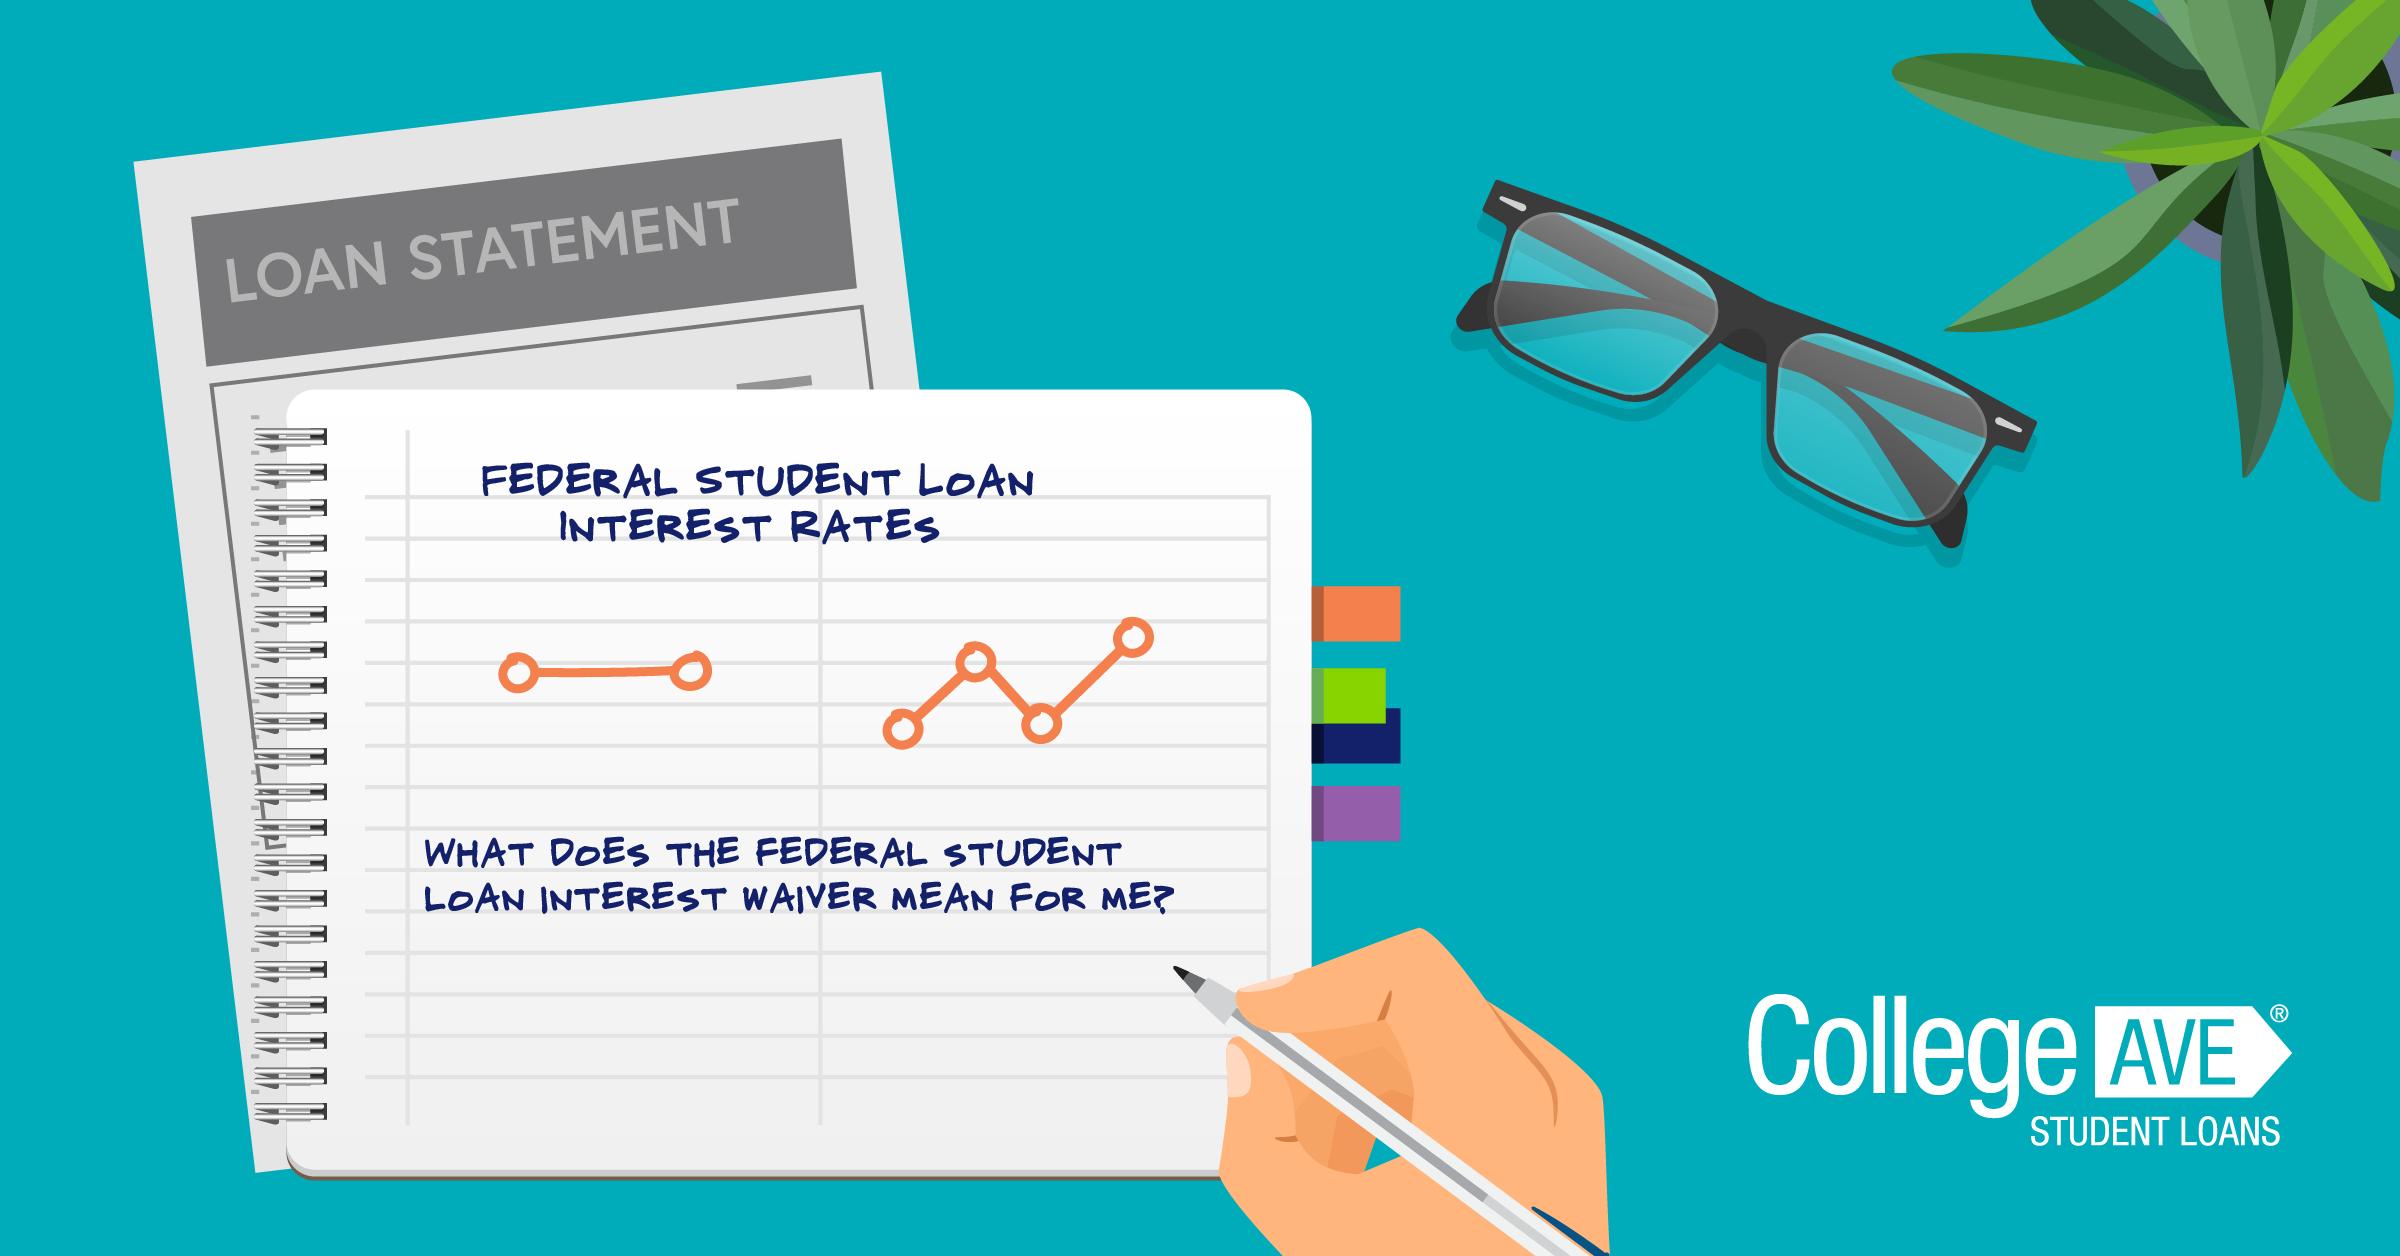 Que signifie l'exonération des intérêts sur les prêts étudiants fédéraux et la suspension du paiement?